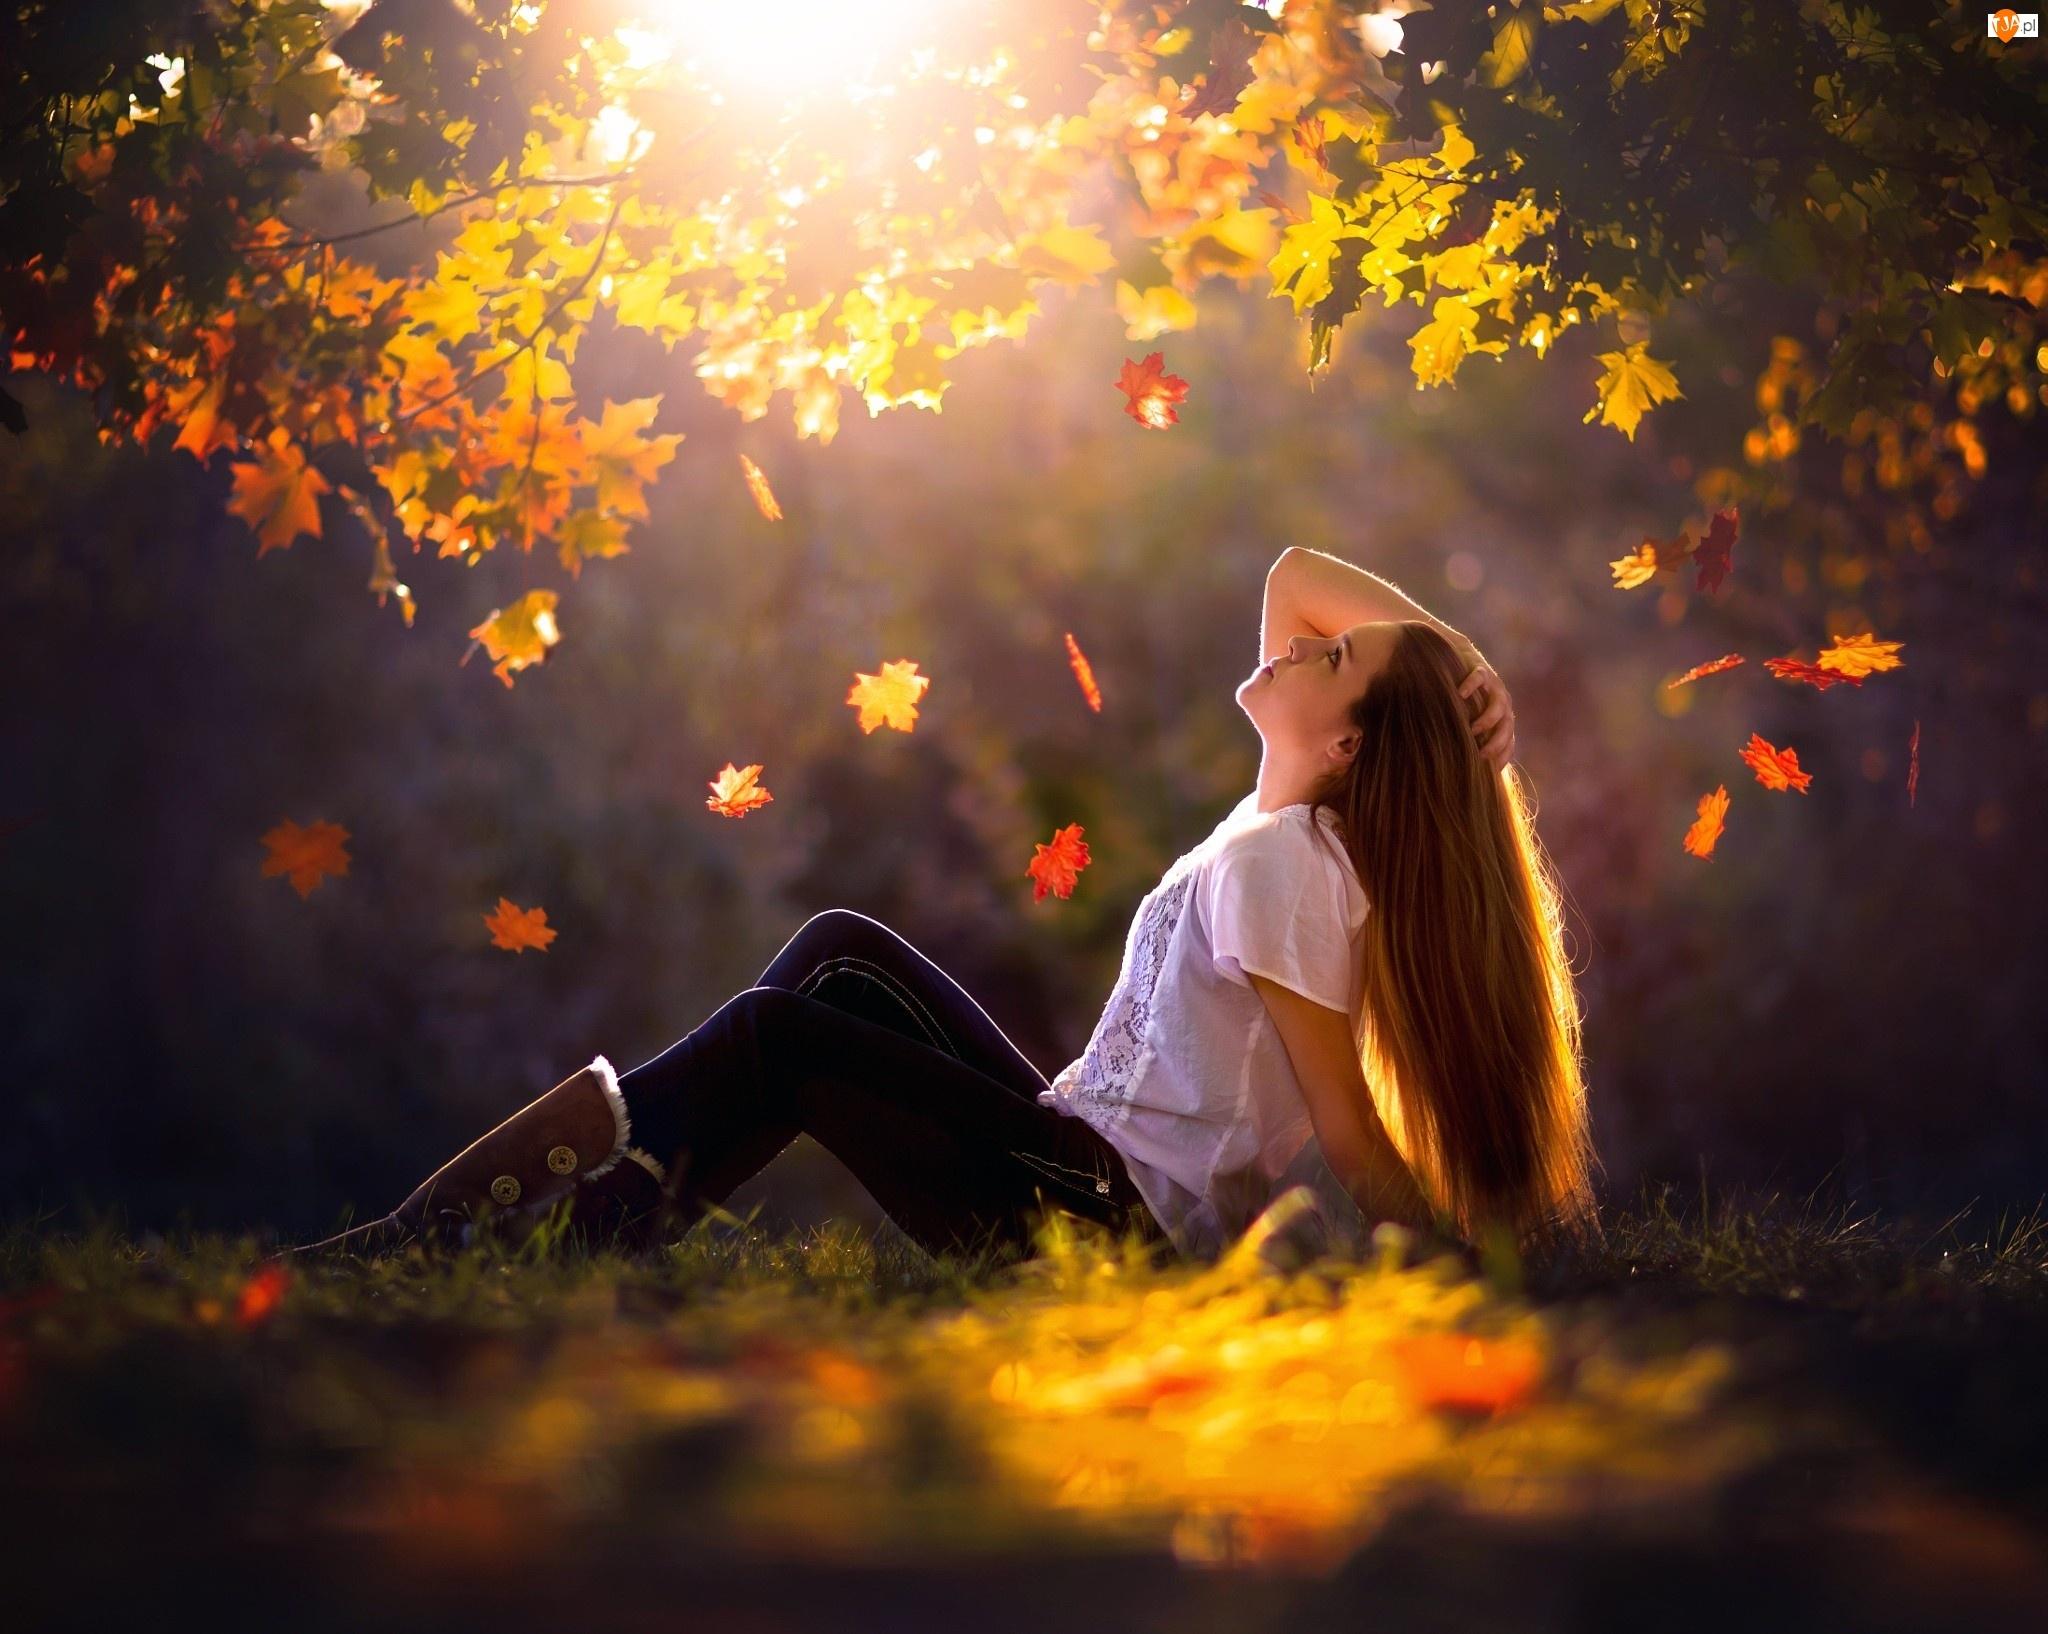 Liście, Kobieta, Promienie, Jesień, Słońca